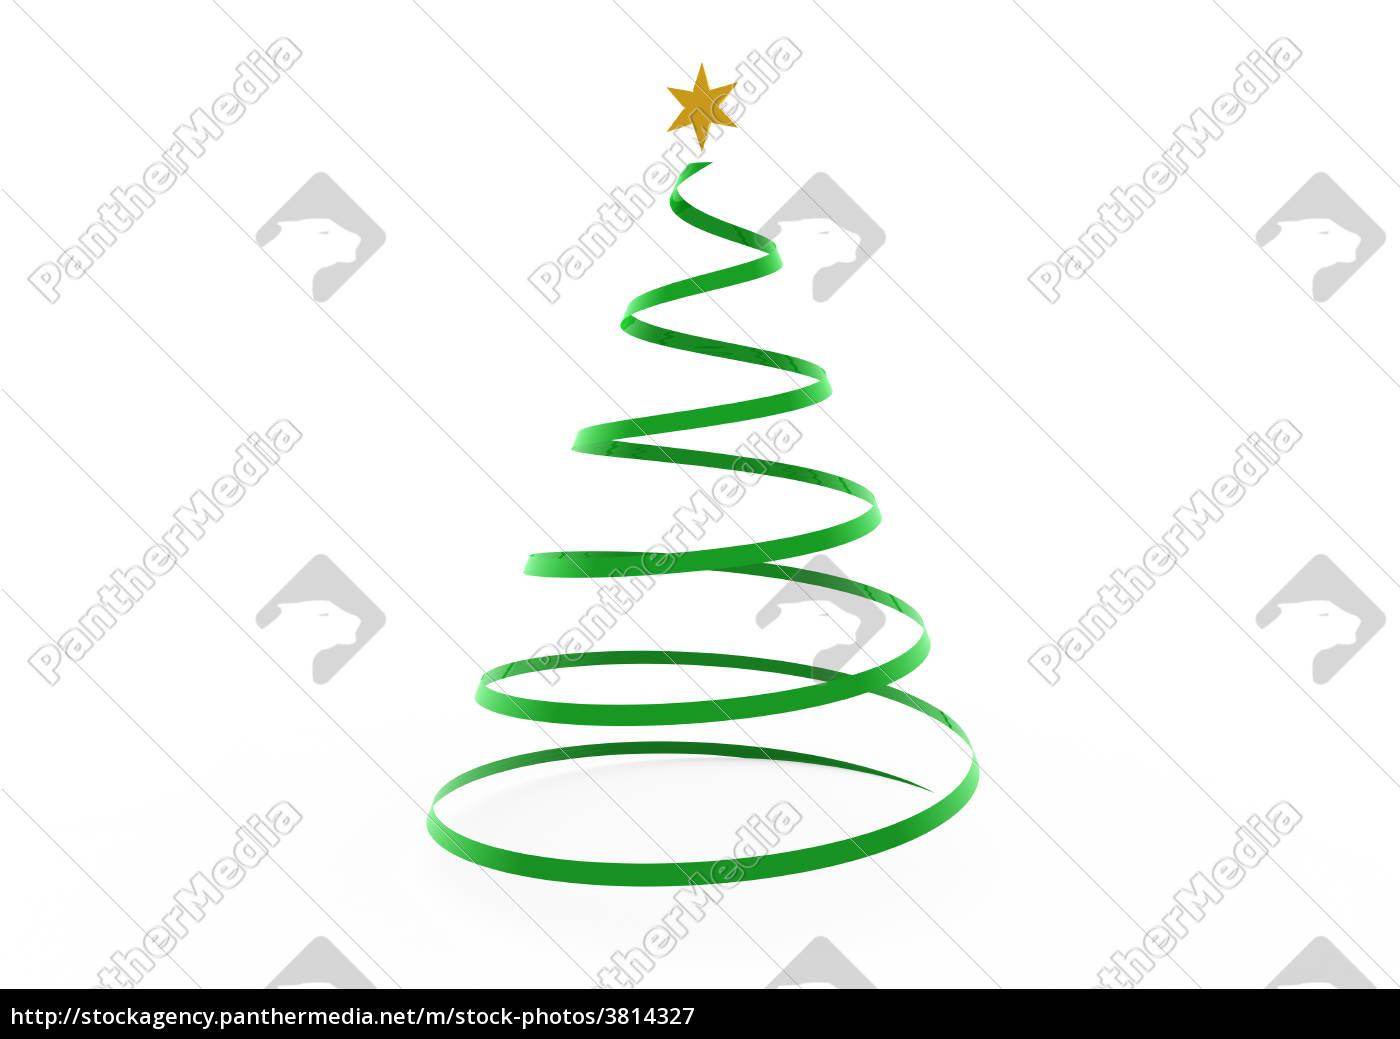 Symbol Weihnachtsbaum.Lizenzfreies Bild 3814327 3d Weihnachtsbaum Stern